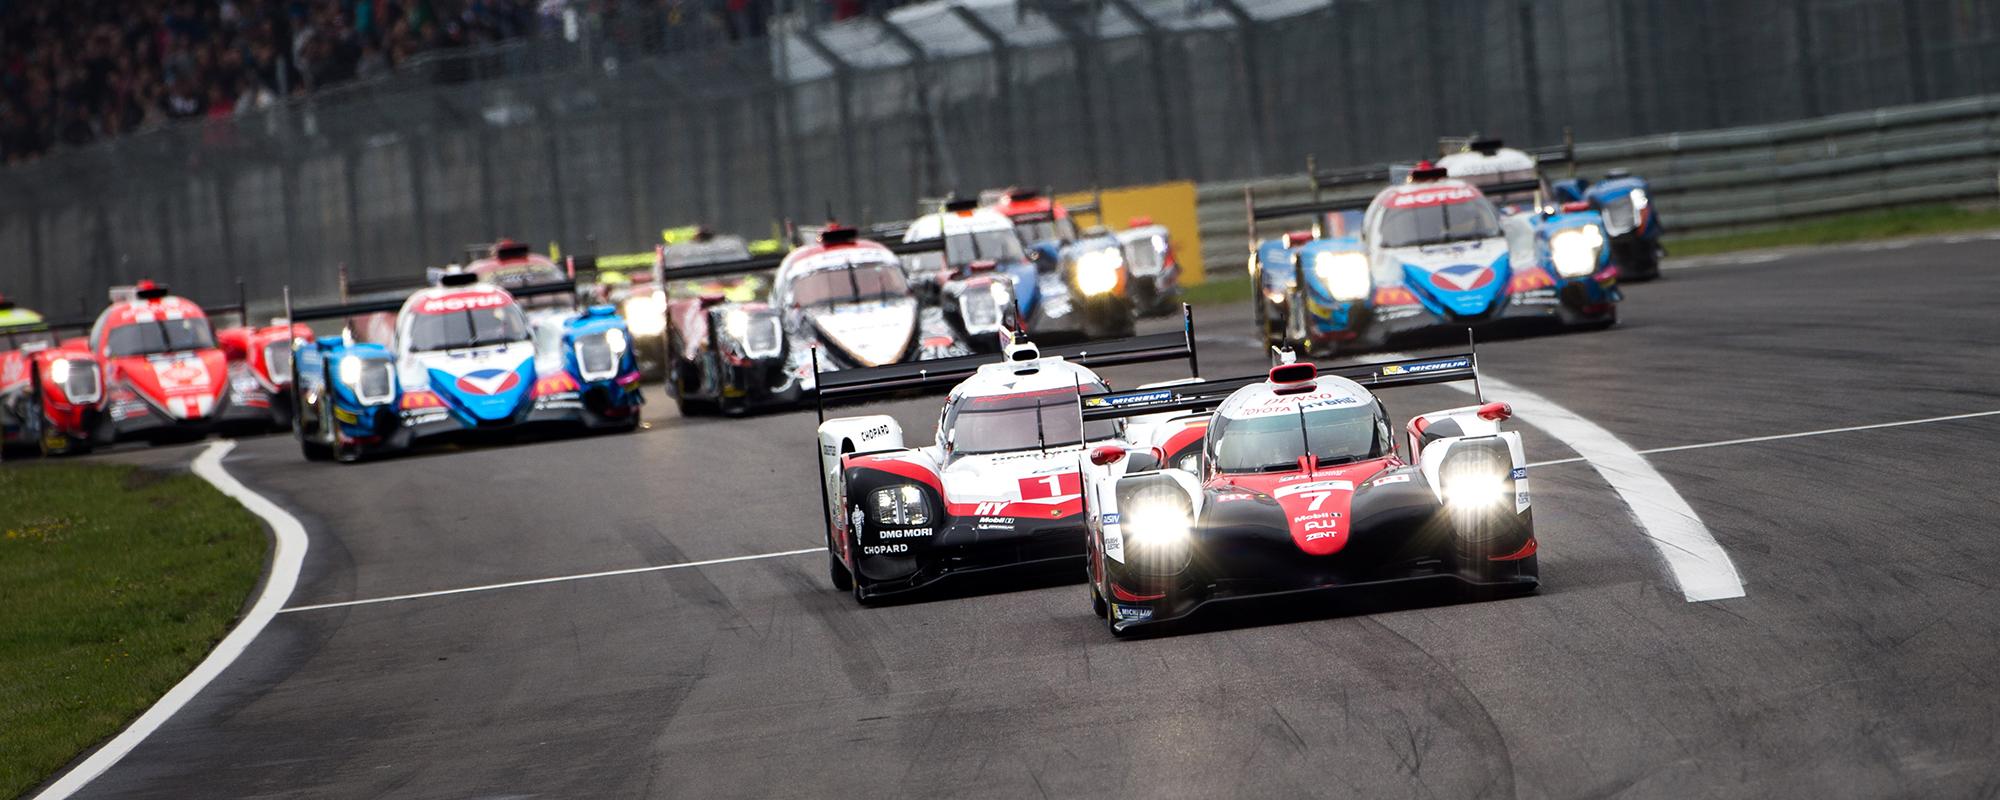 Toyota GAZOO Racing pakt podiumplaats in 6 uur van de Nürburgring